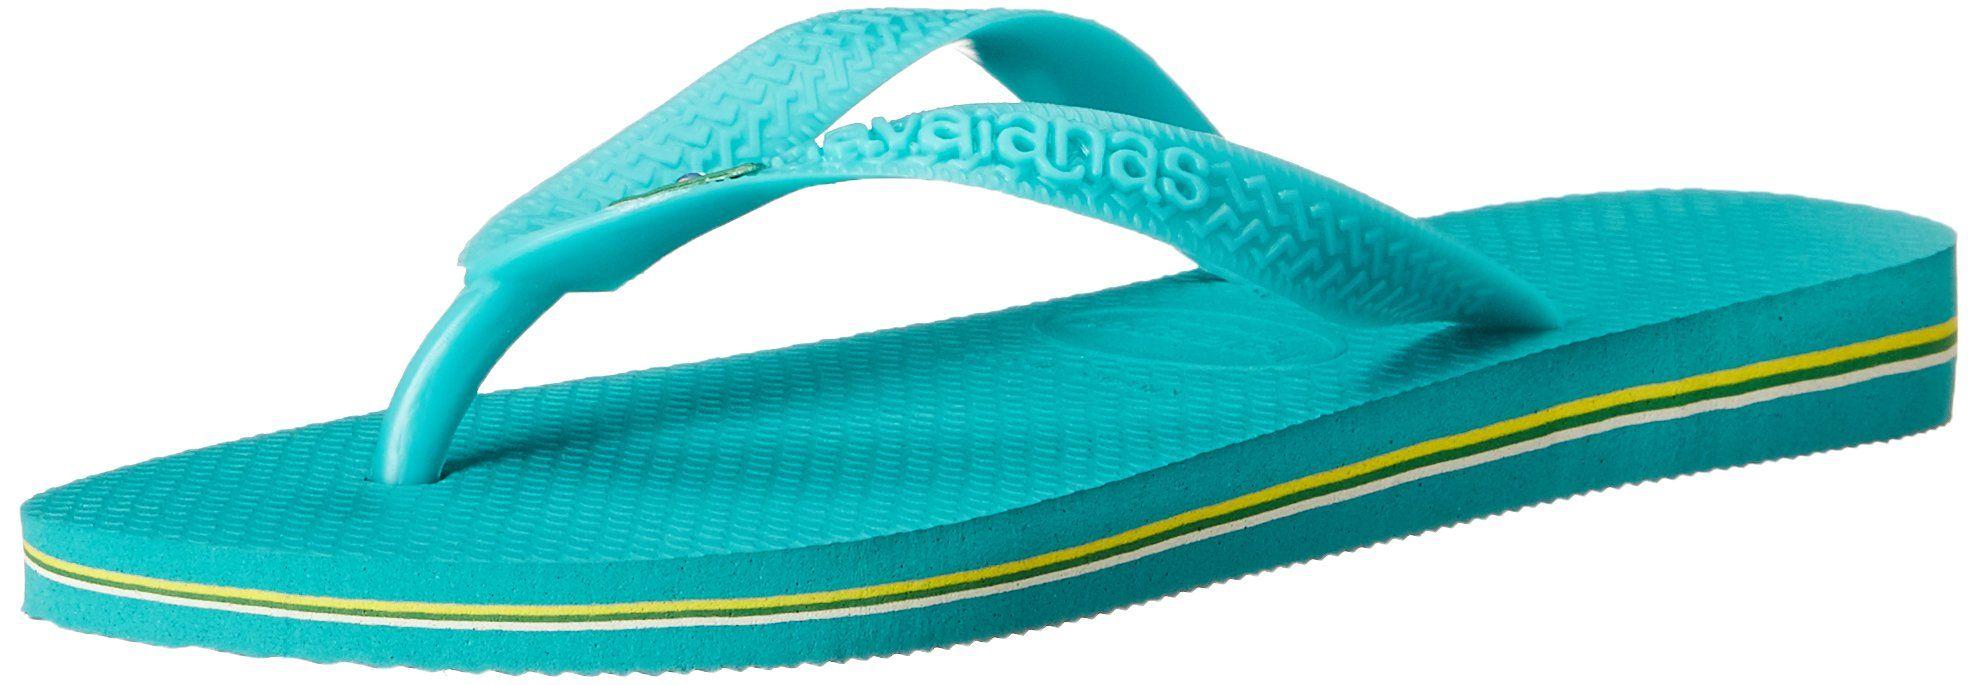 Havaianas Women's Brazil Sandal Flip Flop, Lake GreenLake